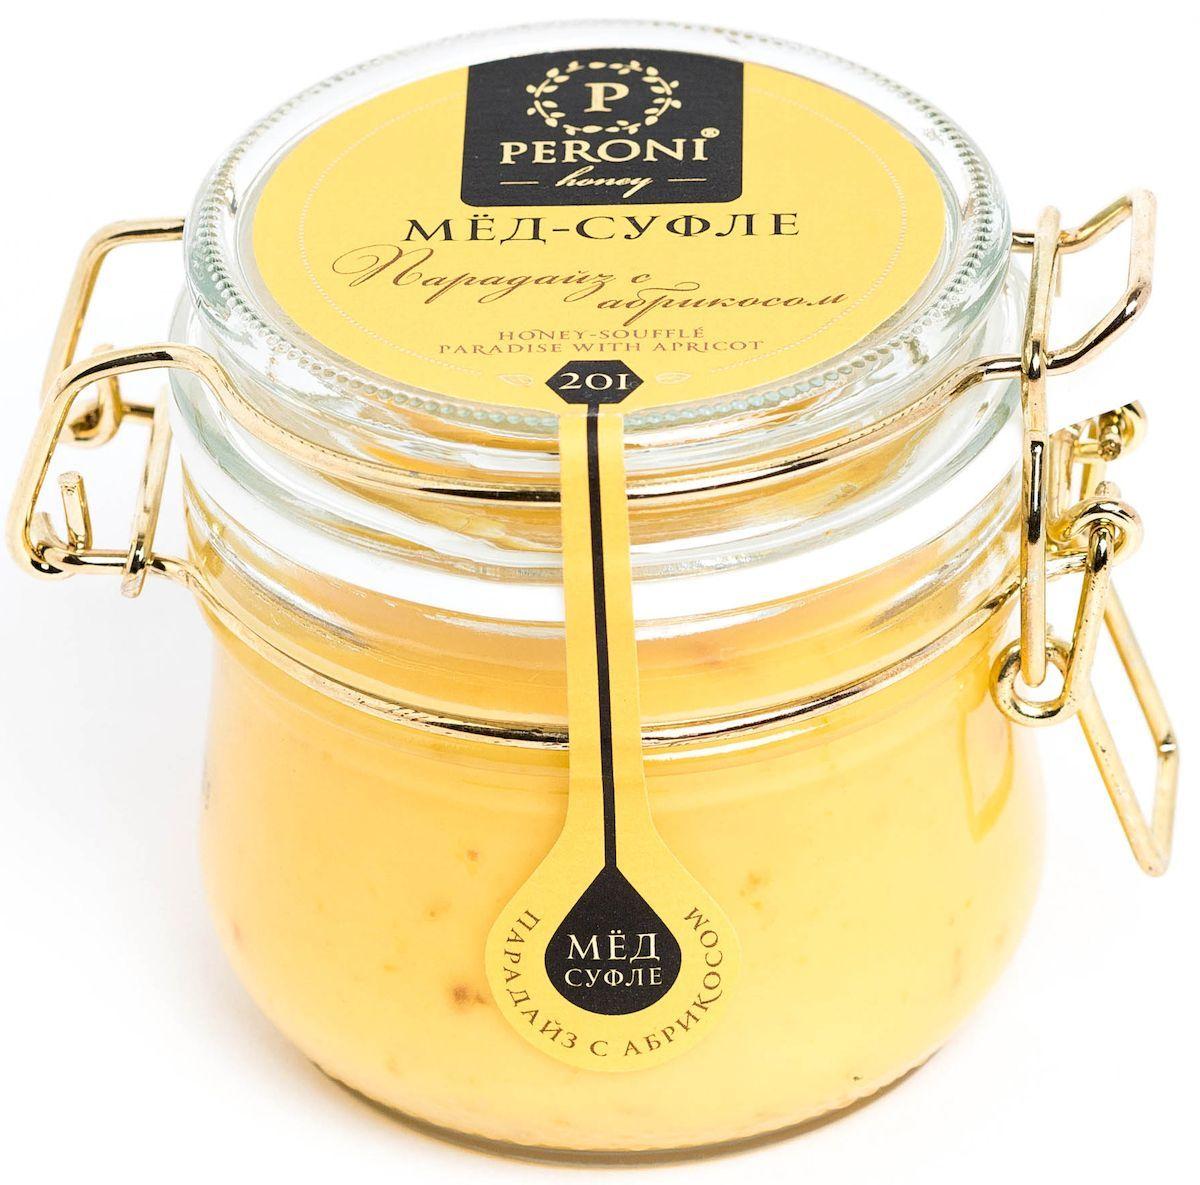 Peroni Парадайз с абрикосом мёд-суфле, 250 г201Мёд с сушеным абрикосом — не только вкуснейшая новинка в медовом мире, но и настоящий помощник здоровью и красоте.Мёд солнечного, молочно-абрикосового цвета. Аромат тонкий и выразительный, по характеру цветочно-сливочно-фруктовый. Основная нота принадлежит свежему абрикосу, фруктовому йогурту. В нежном медовом суфле встречаются маленькие кусочки кураги, которые создают абрикосовые акценты.Вкусовые характеристики мёда и абрикоса проявляются комплексно, они близки и идеально дополняют друг друга, создавая гармонию. Вкус мёда чрезвычайно динамичен: сливочная атака сменяется интенсивной цветочно-фруктовой волной, оставляя в завершение пряно-абрикосовый акцент. В целом вкус мёда-суфле освежающий и бодрящий. Обволакивающая сладость мёда уравновешивается бодрящей фруктовой свежестью. Создается ощущение легкости и прохлады.Для получения мёда-суфле используются специальные технологии. Мёд долго вымешивается при определенной скорости, после чего его выдерживают при температуре 12-14°С, тем самым закрепляя его нужную консистенцию. Все полезные свойства мёда при этом сохраняются.